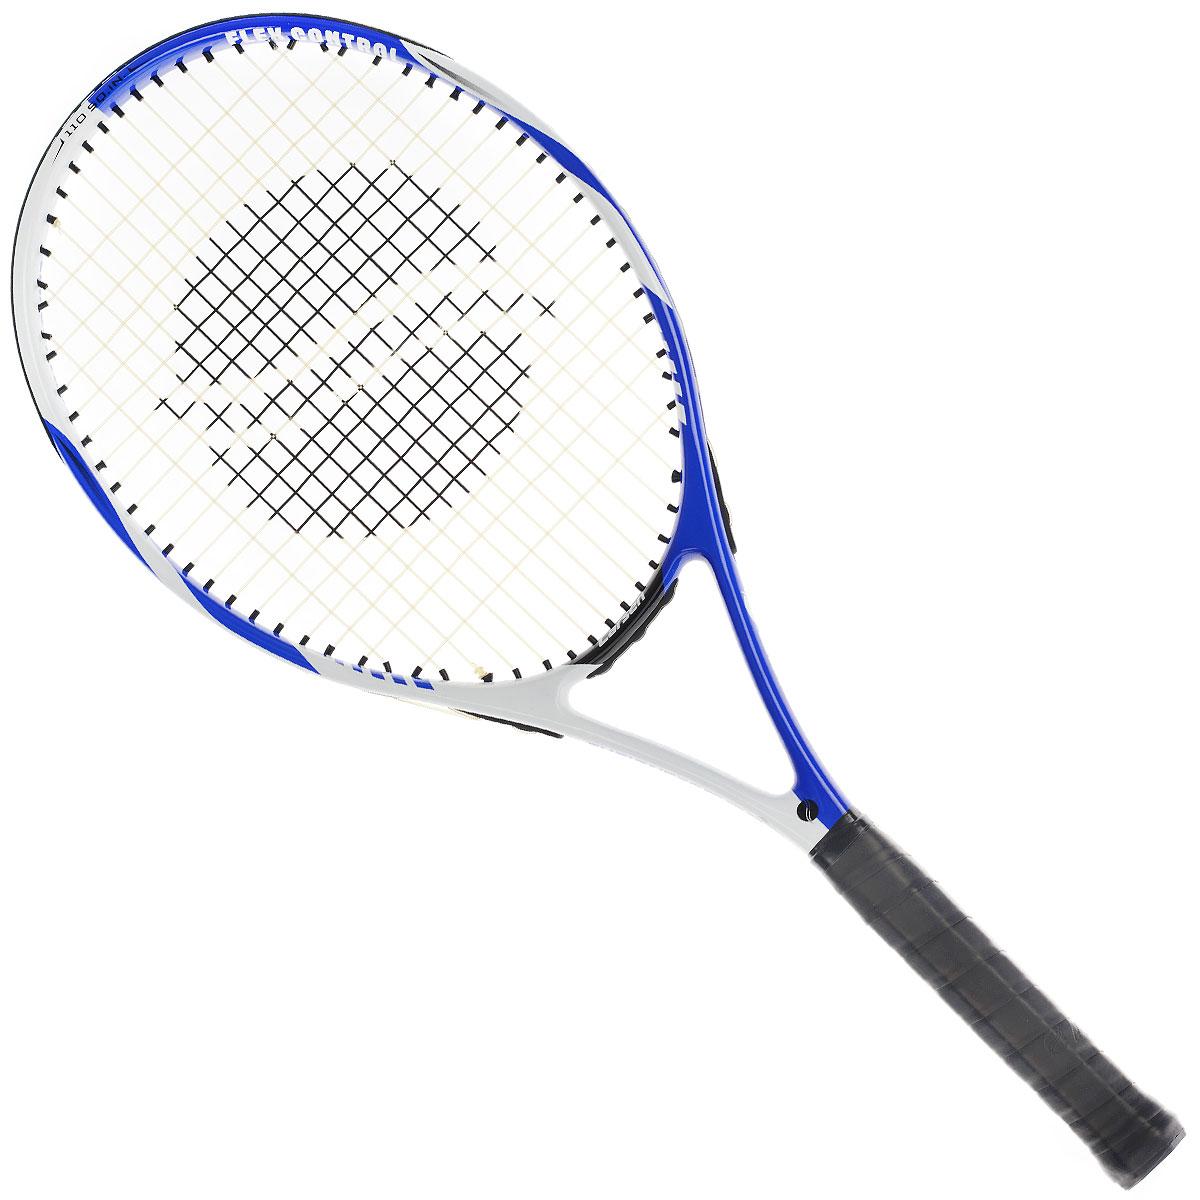 Ракетка для большого тенниса Larsen 577124438Ракетка для большого тенниса Larsen 577 выходит в составе любительской серии для игроков среднего уровня. Небольшой вес сочетается с достаточно большой игровой поверхностью 110 квадратных дюймов. Соединения ракетки литые, используемые при изготовлении материалы - алюминий и графит Характеристики: Материал: алюминий, графит. Вес: 285 г +/-5 г. Длина: 27. Баланс: 335 мм +/-7,5 мм. Рекомендуемое натяжение: 47-52 lbs/21-24 кг. Размер упаковки: 73 см х 31 см х 3 см.